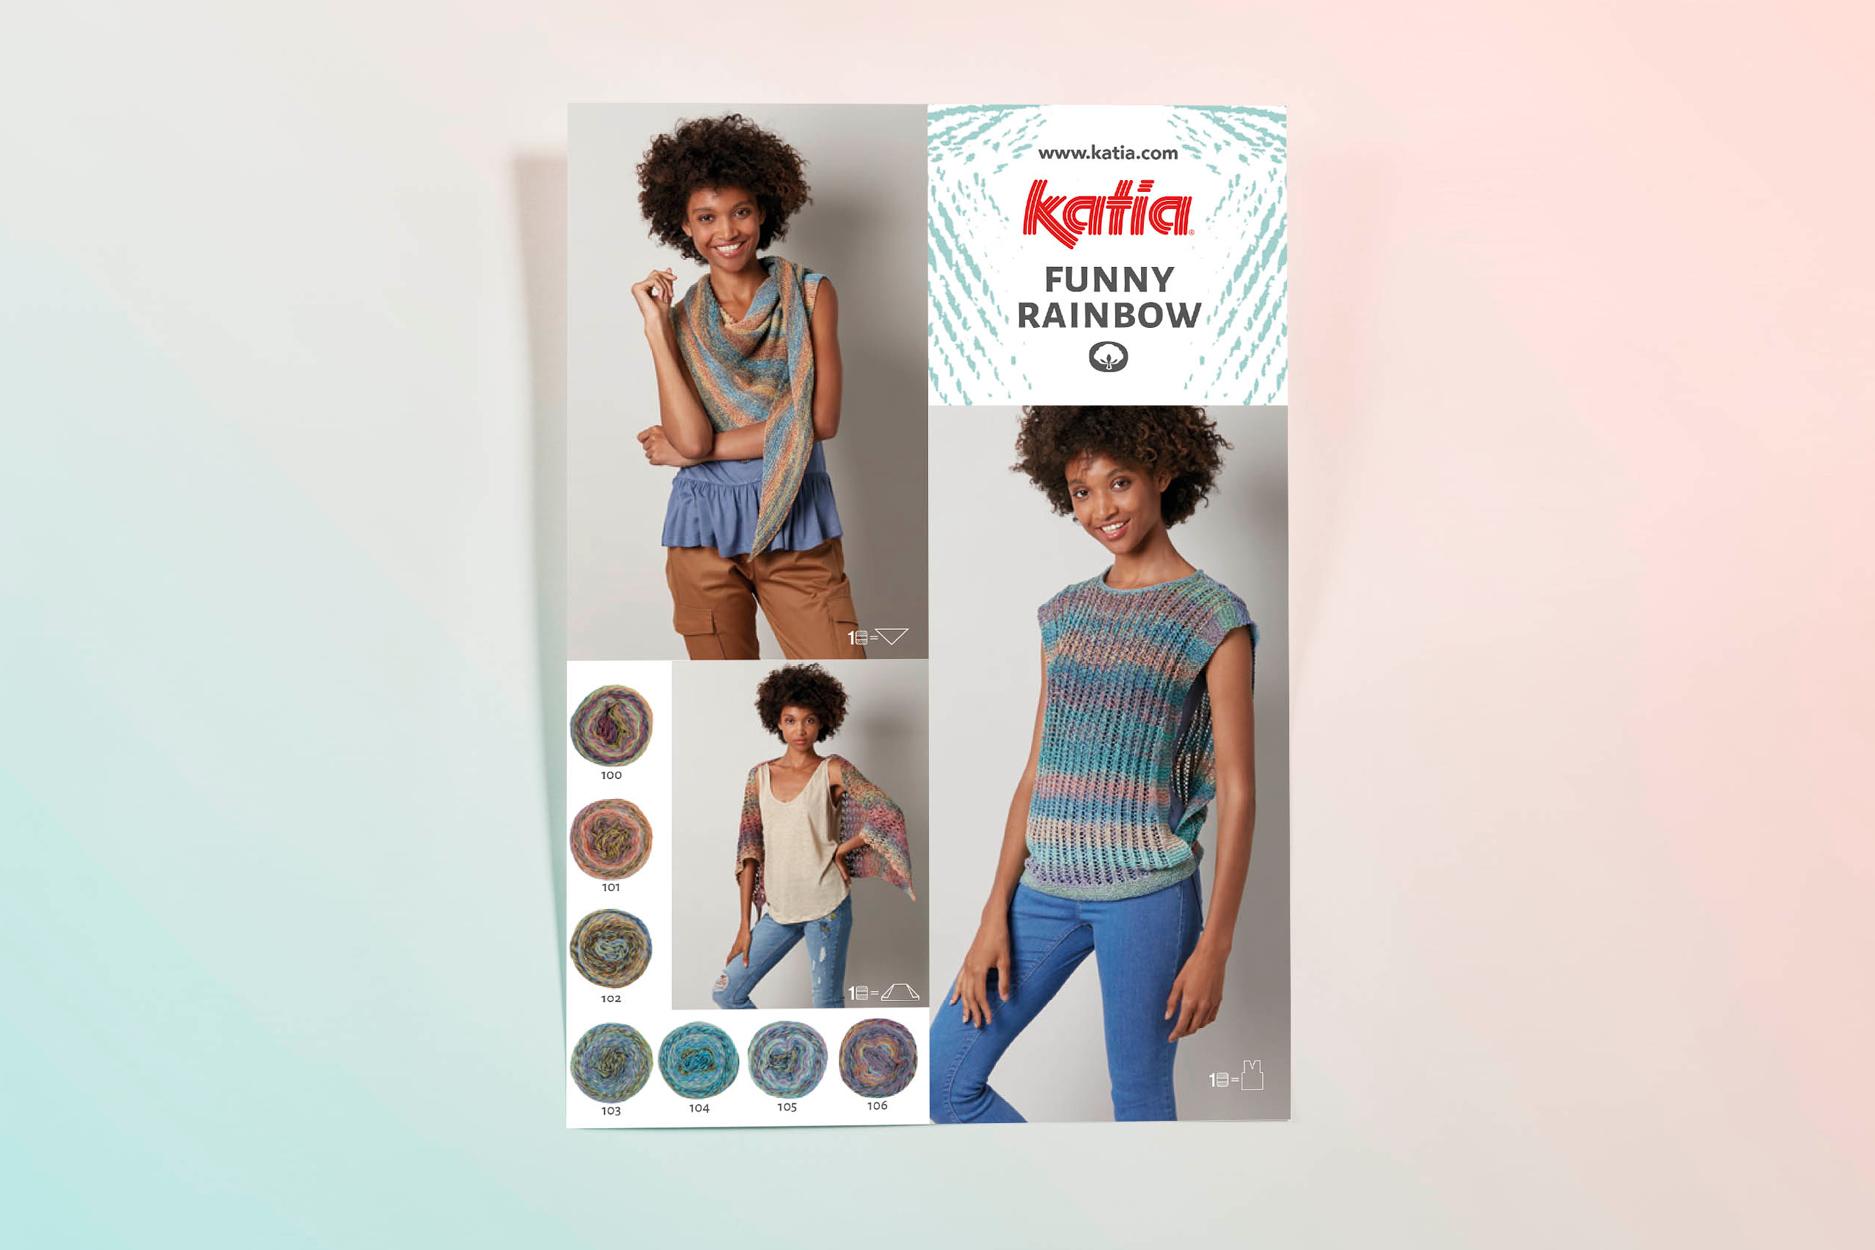 Katia_web15.jpg